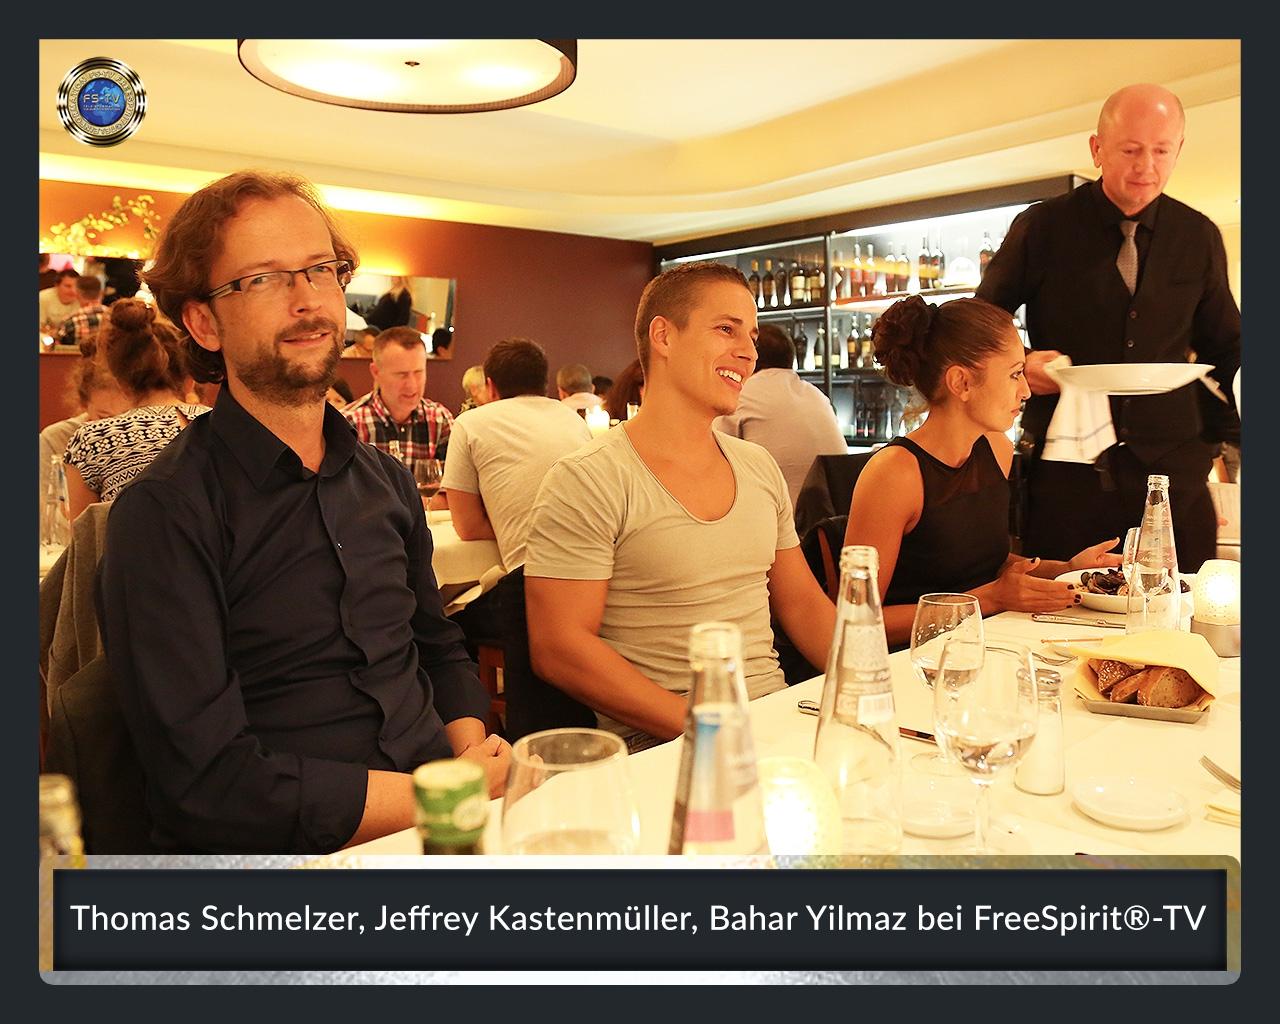 FS-TV-Bildergallerie-Thomas-Schmelzer-Bahar-Yilmaz-Jeffrey-Kastenmueller-2